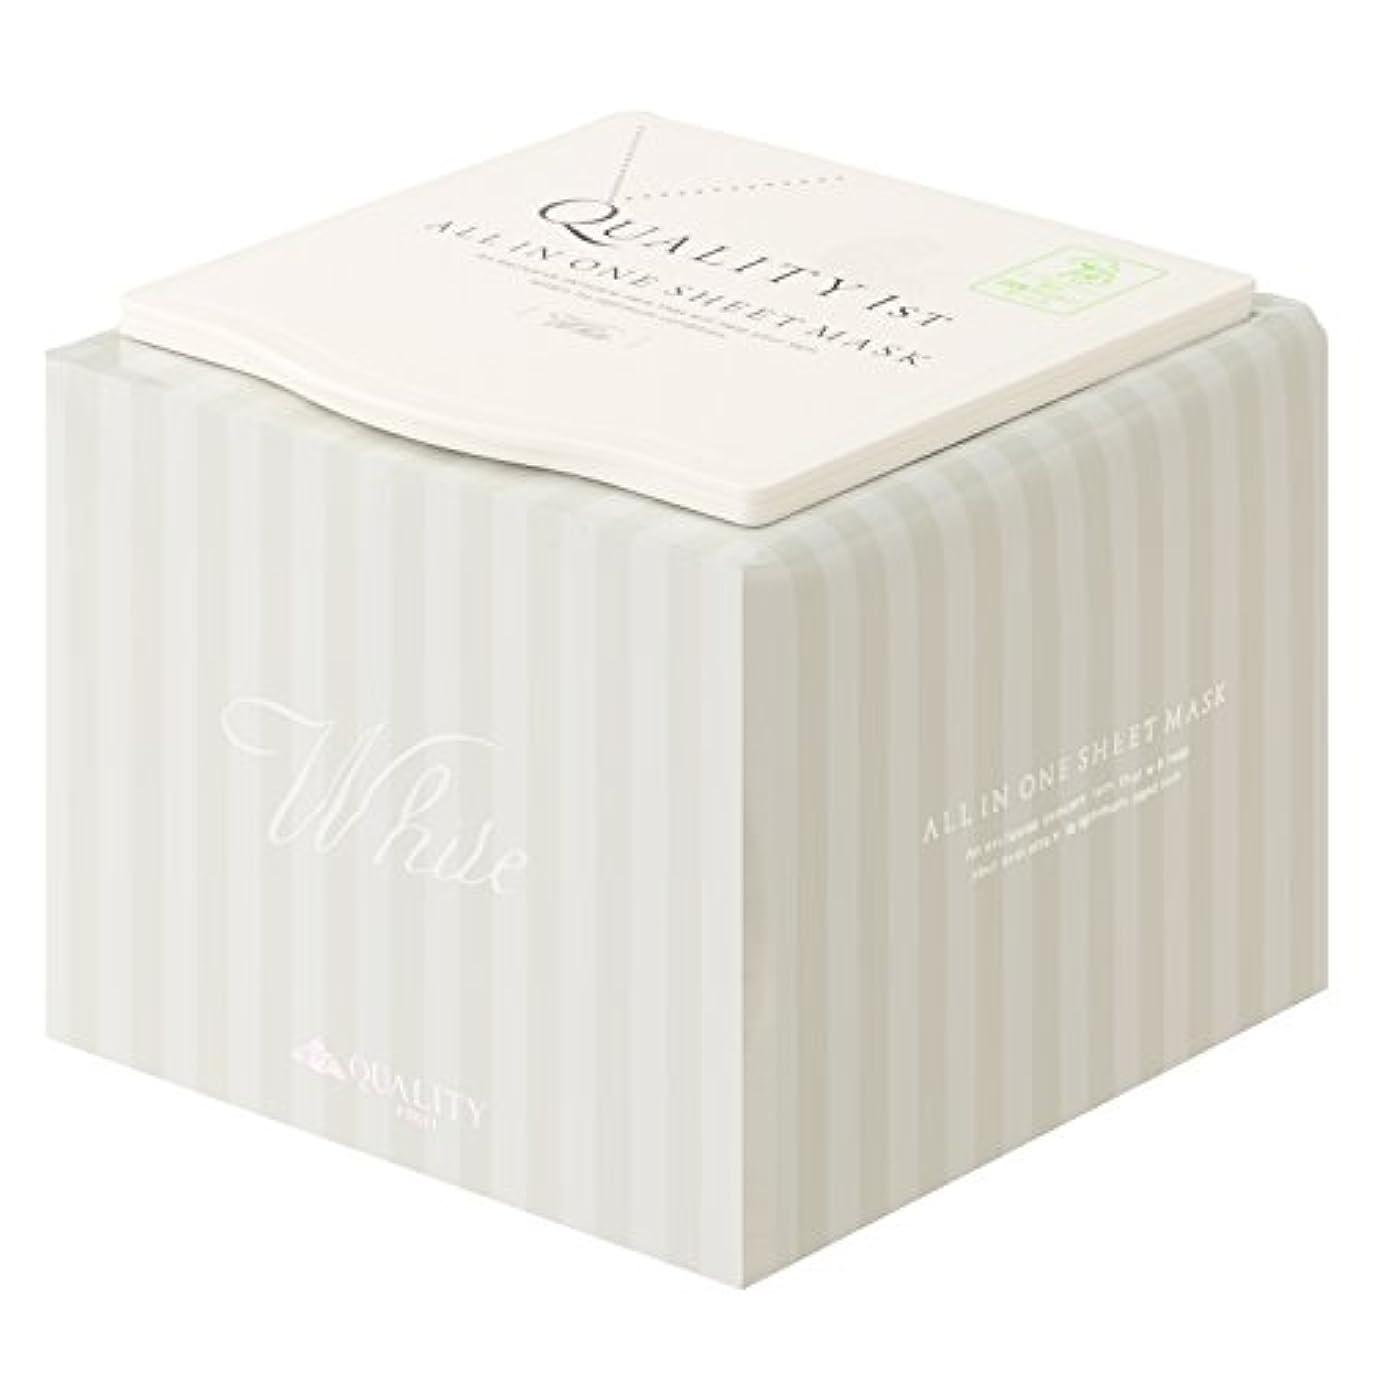 札入れエキス推進力オールインワンシートマスク ホワイトEX (30枚) BOX